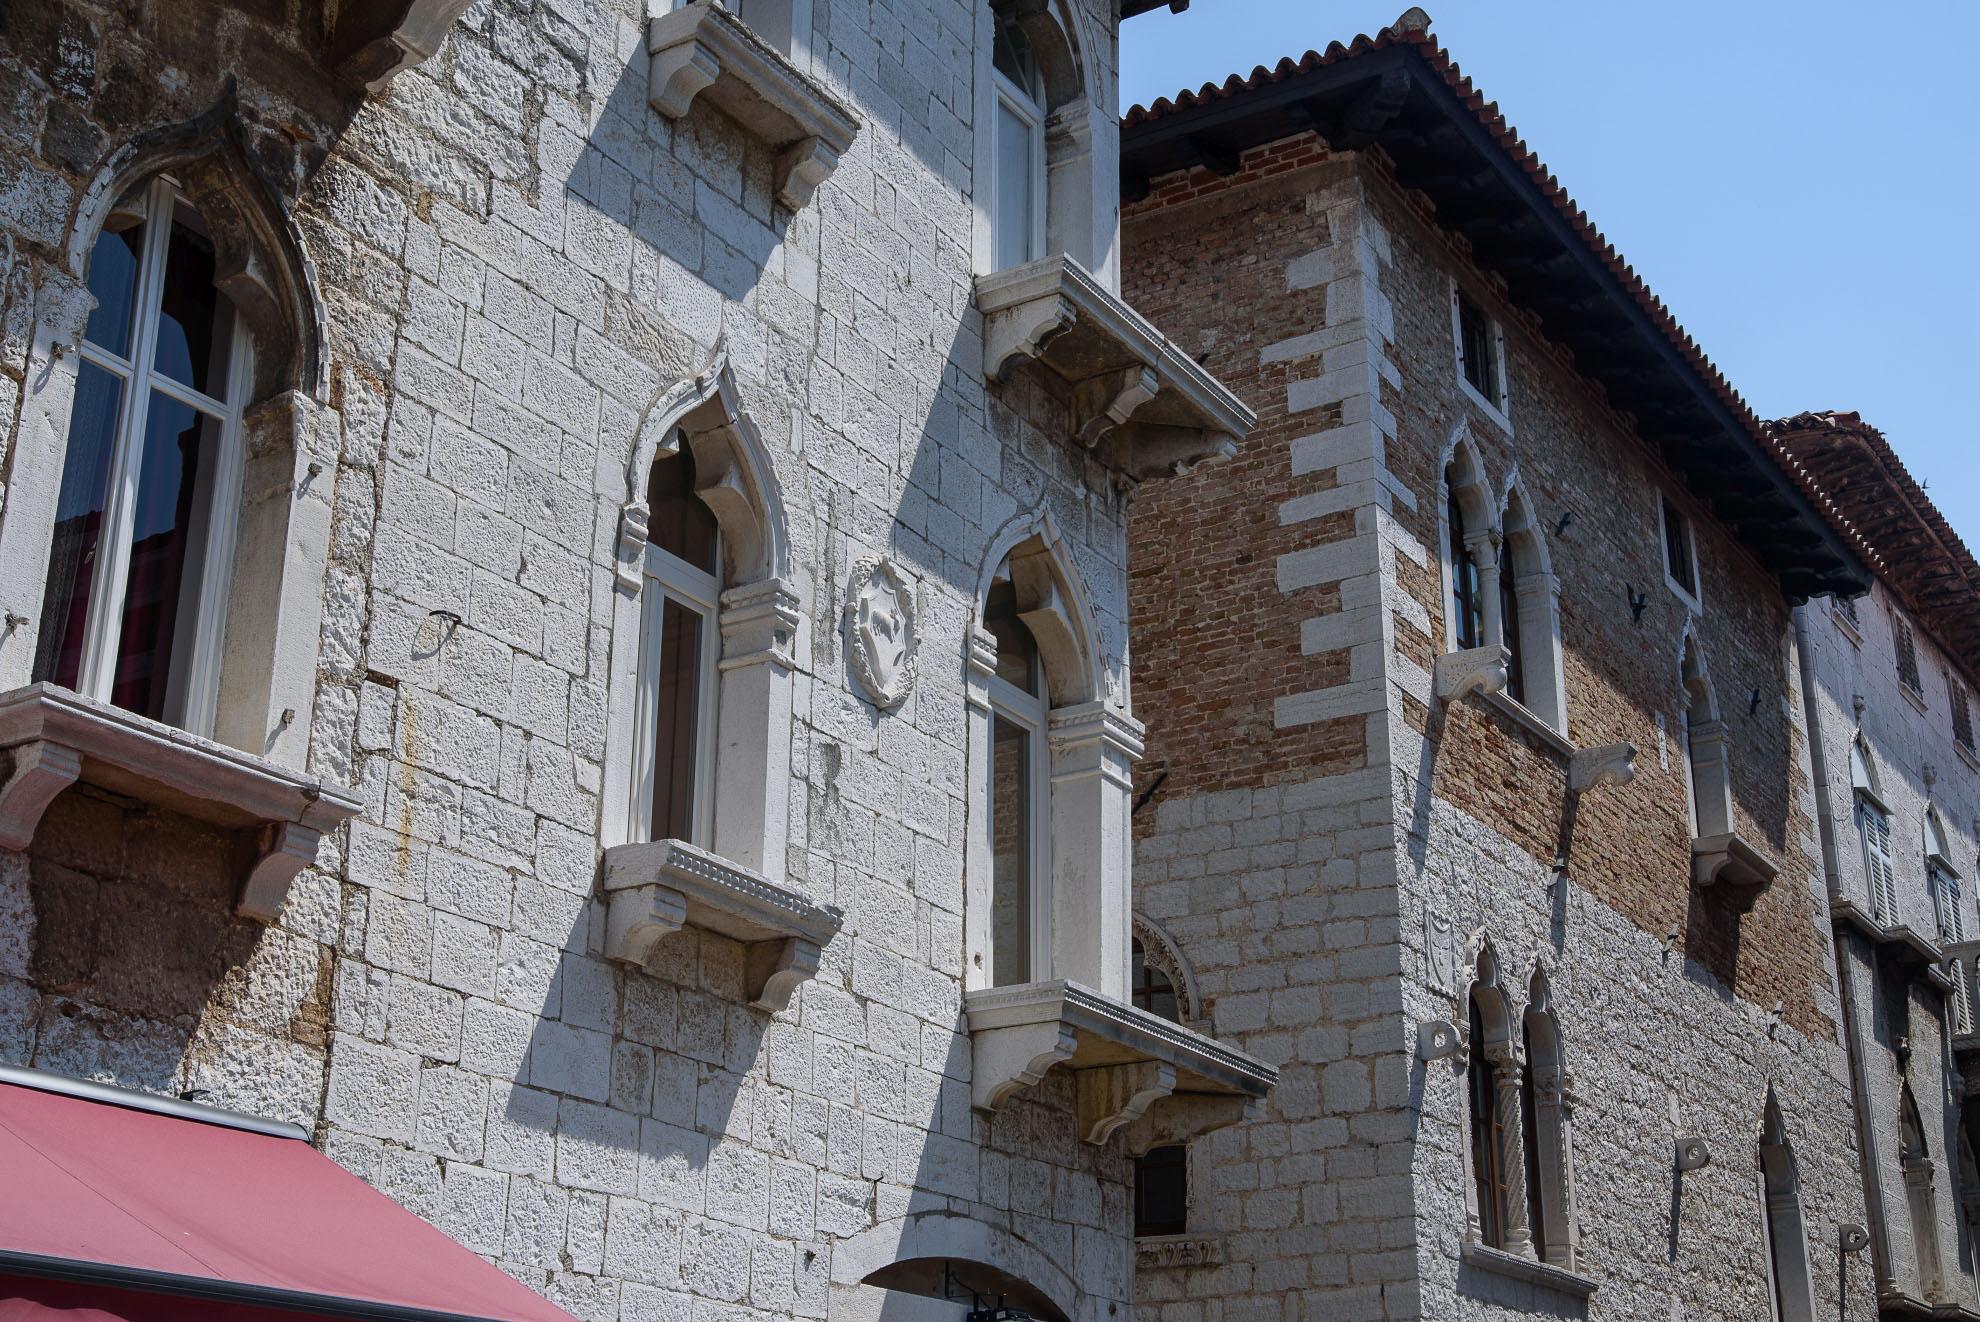 Poreč - weneckie wpływy widoczne w architekturze niektórych kamienic